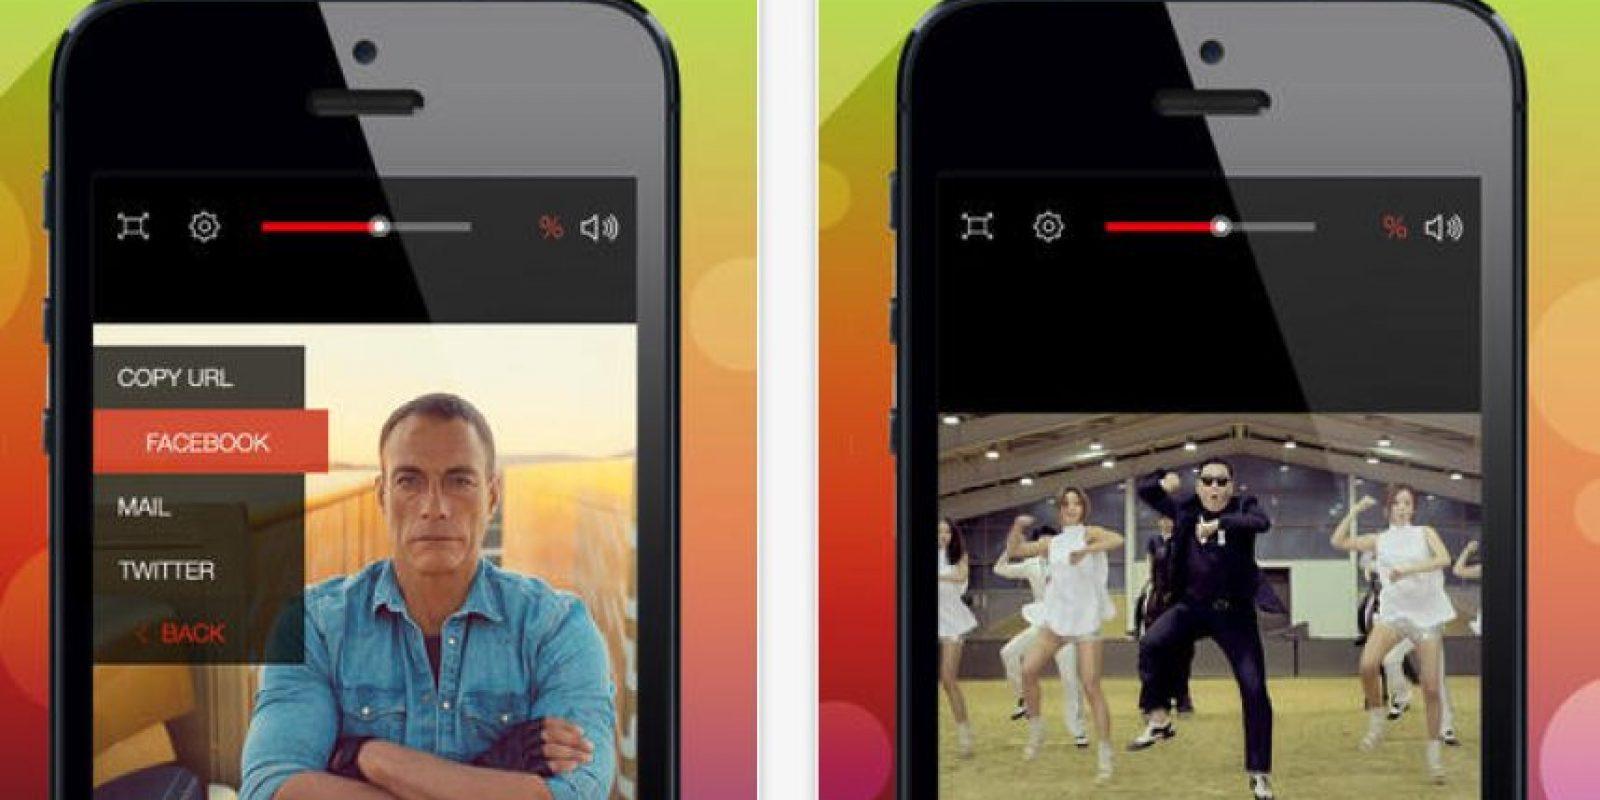 yTuber: una nueva interfaz de Youtube para iPhone donde podrán ver videos desde su celular. Foto:Wylsacom Waytt